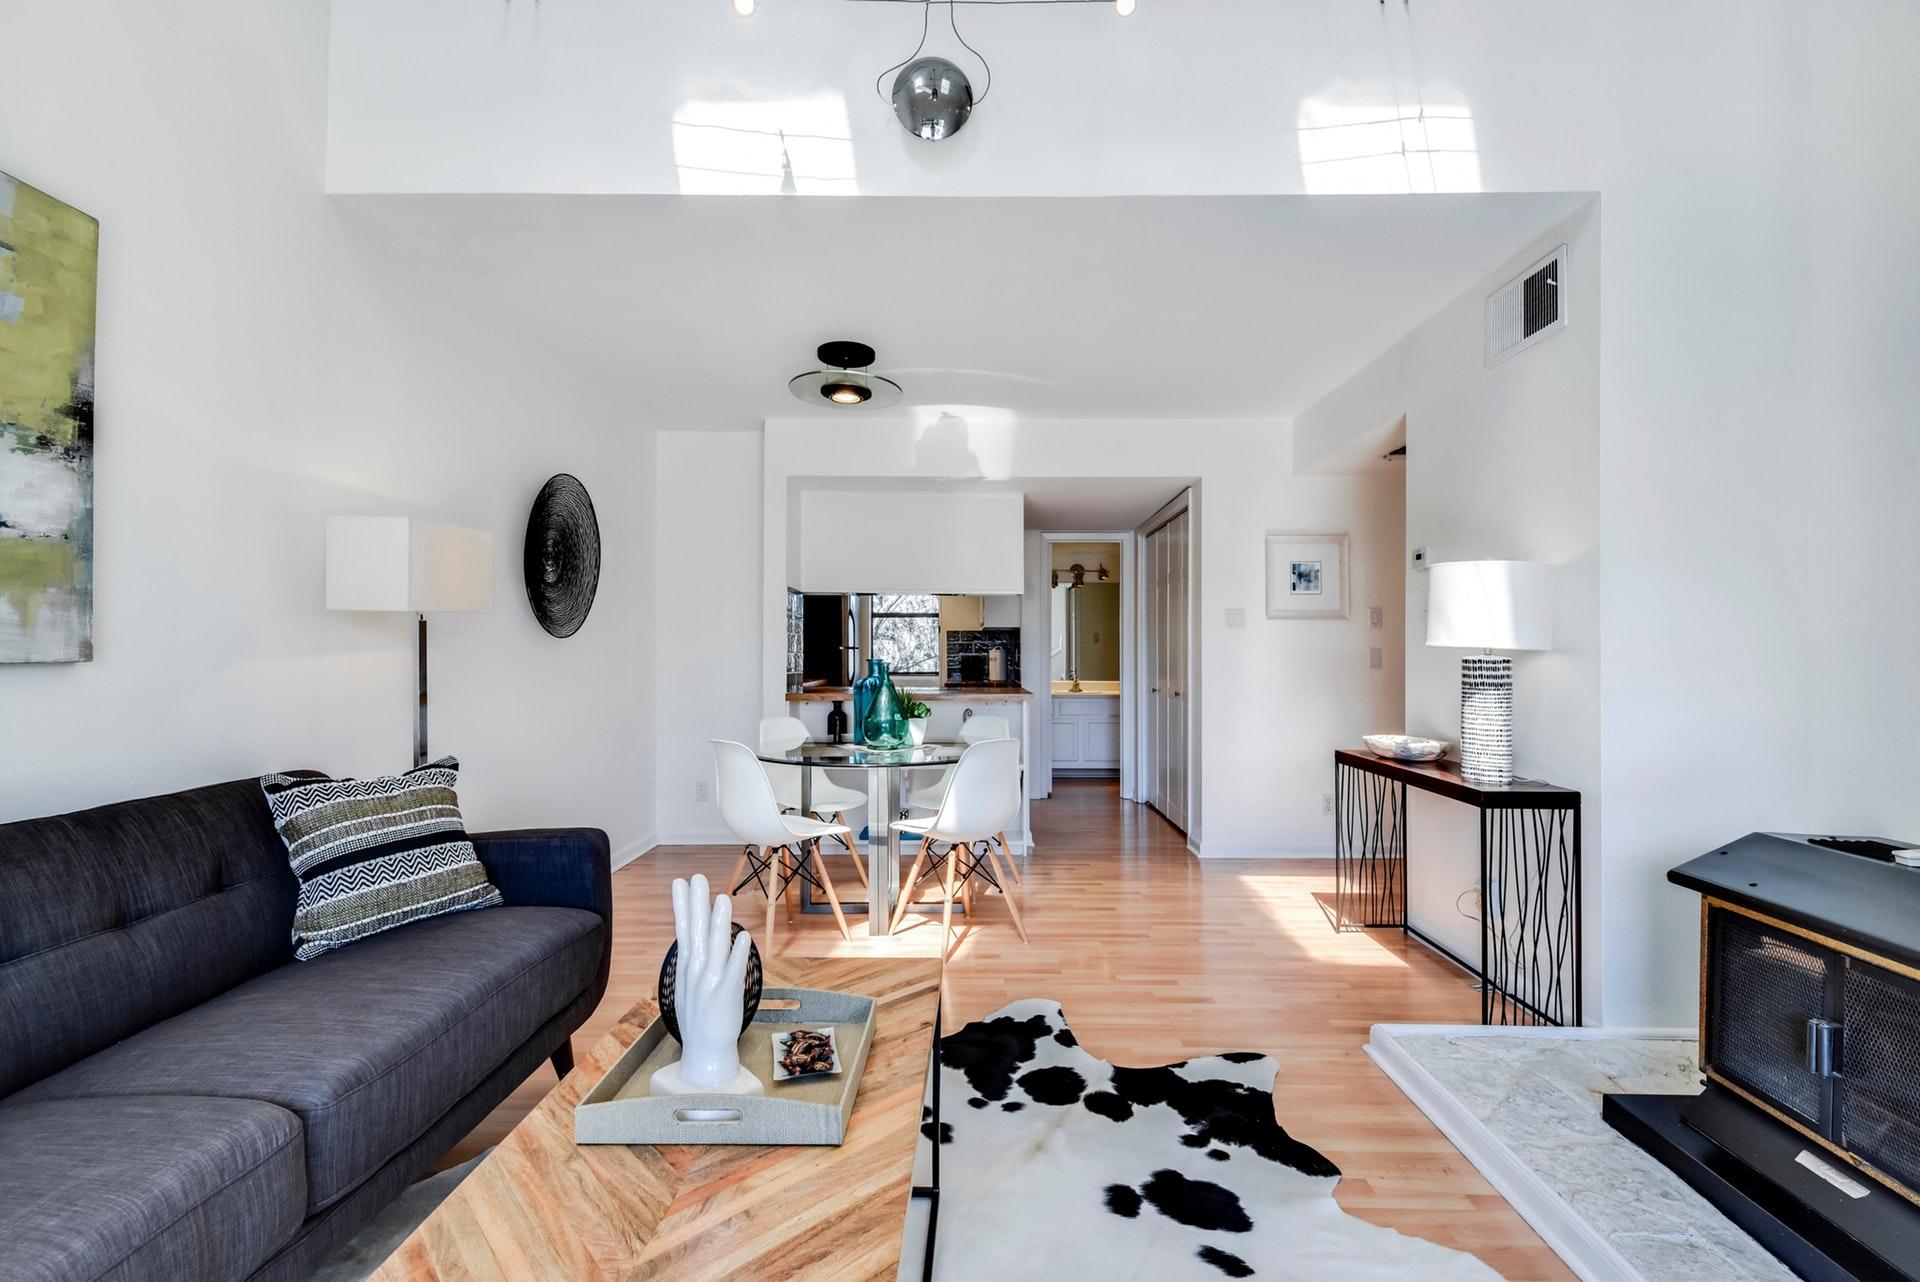 1135 Barton Hills - Kitchen / Living